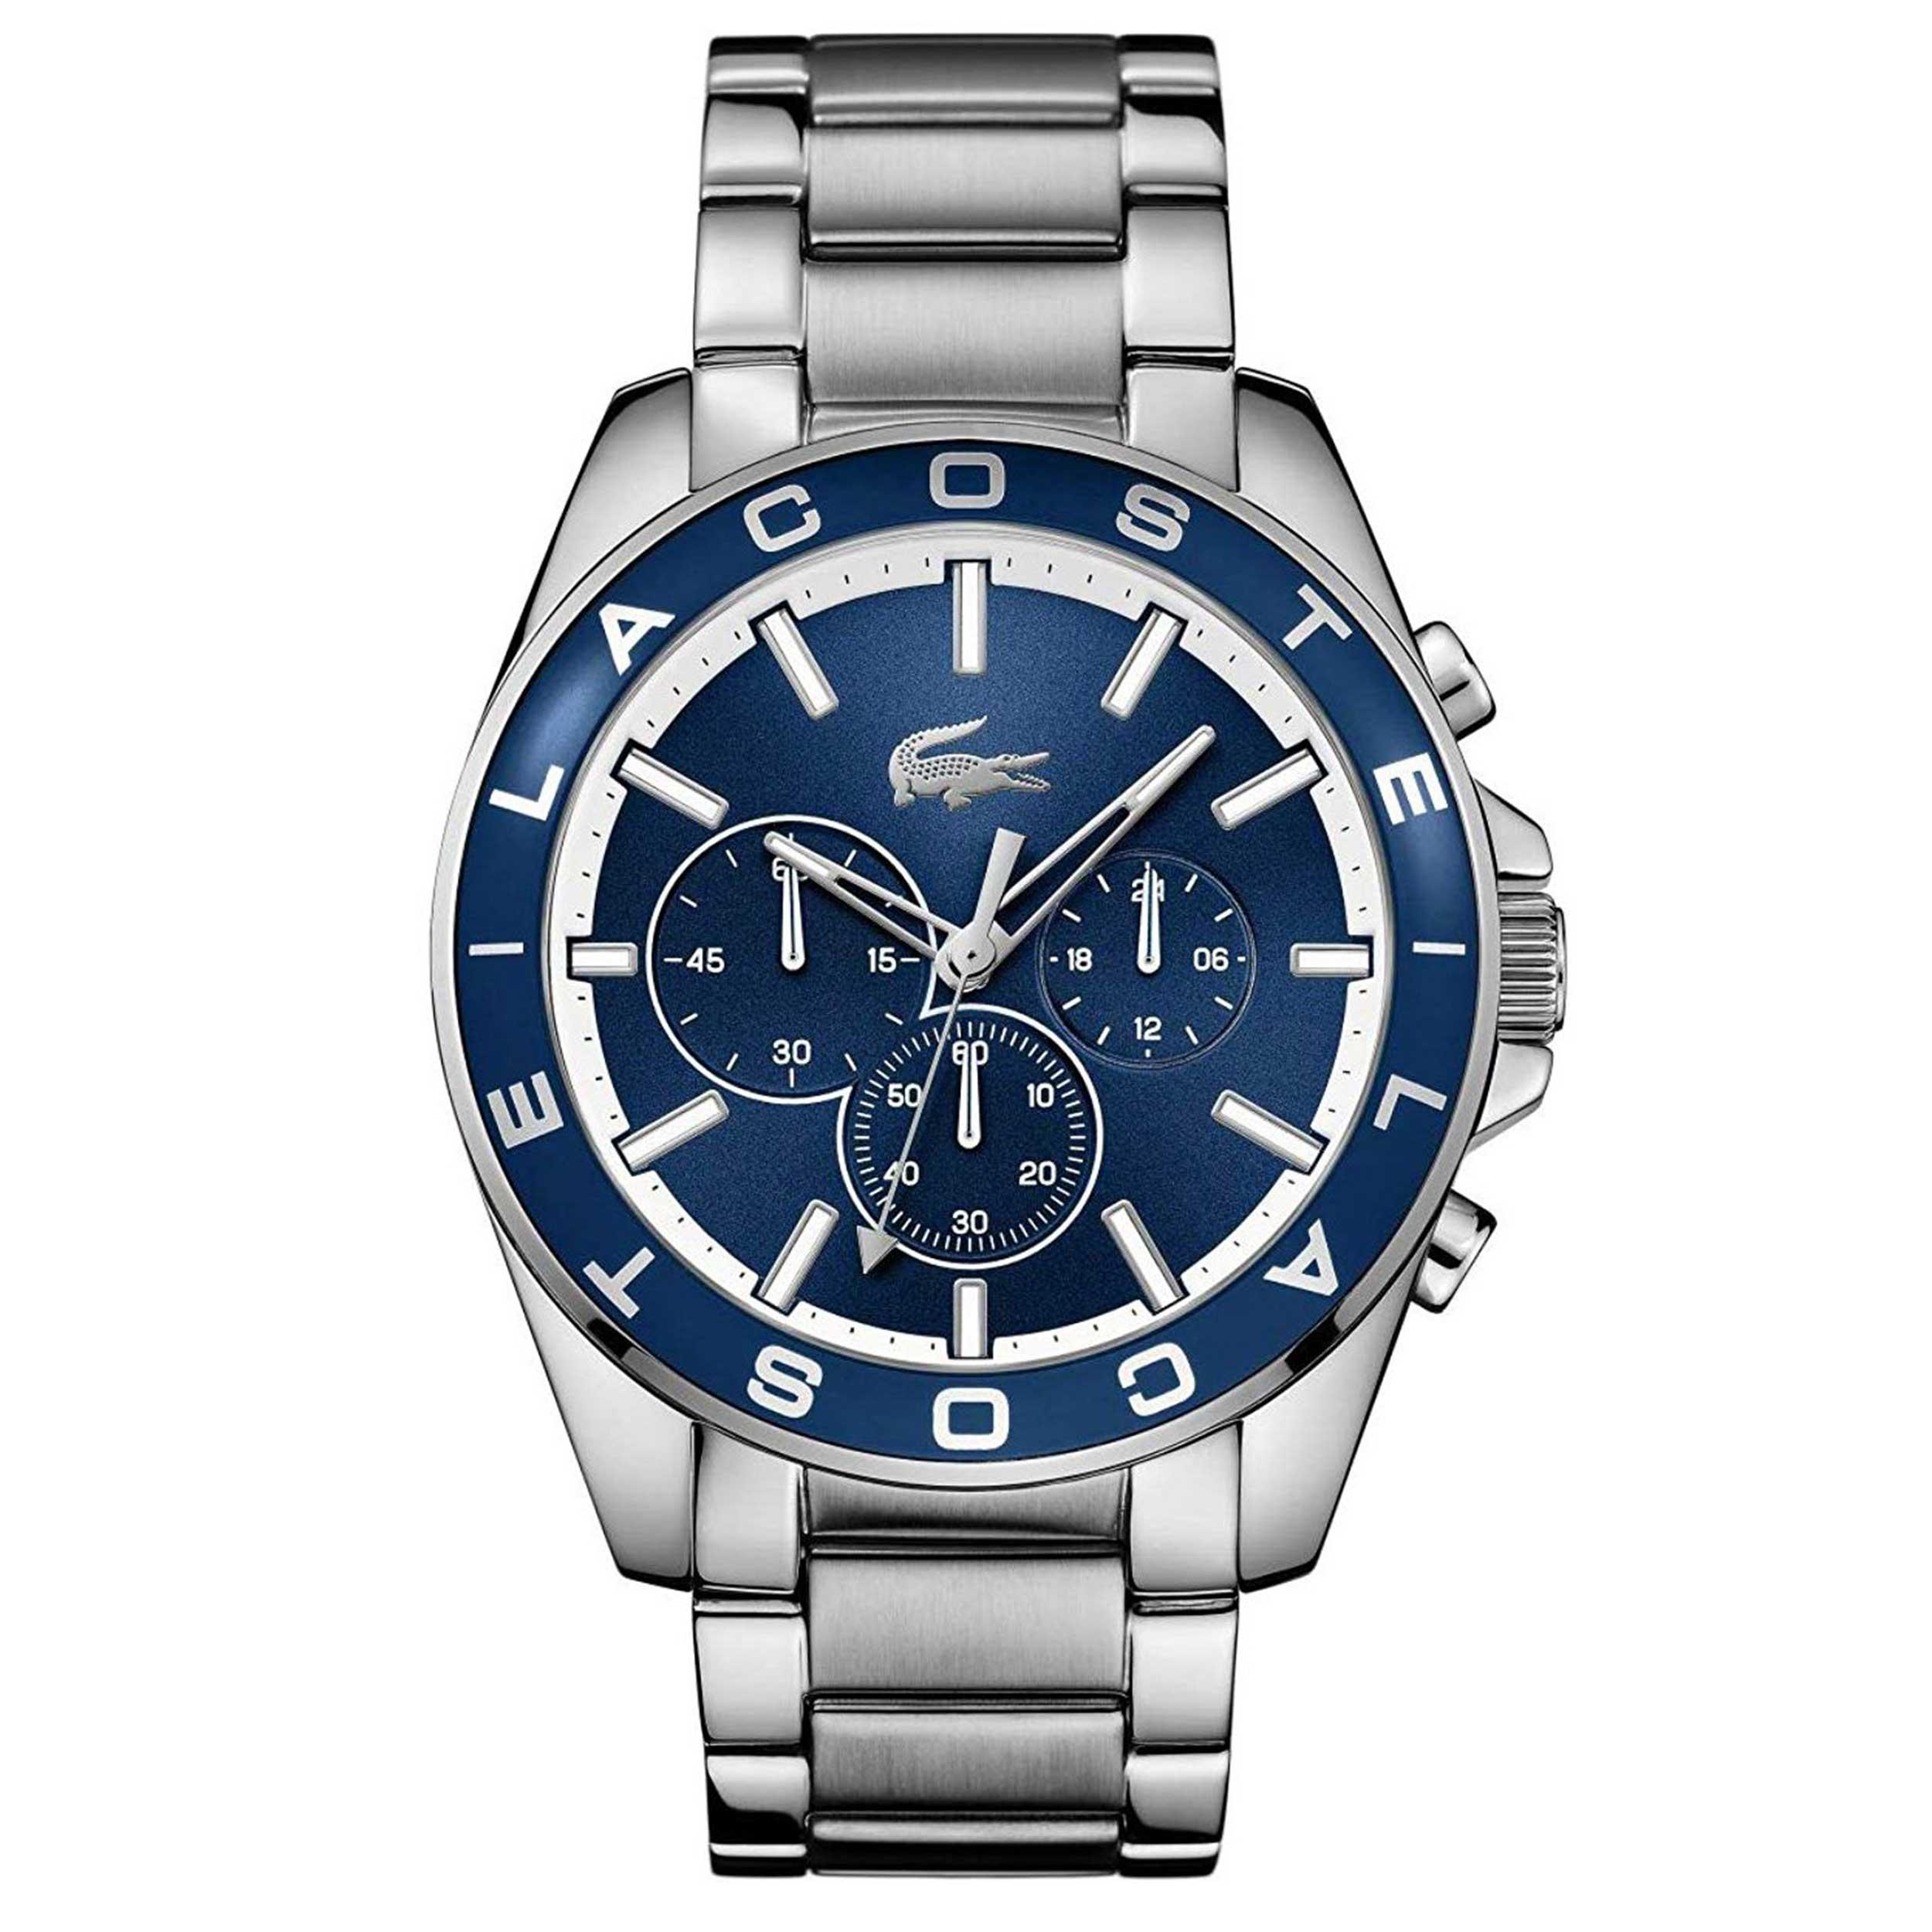 ساعت مچی عقربه ای مردانه لاگوست مدل 2010856              خرید (⭐️⭐️⭐️)